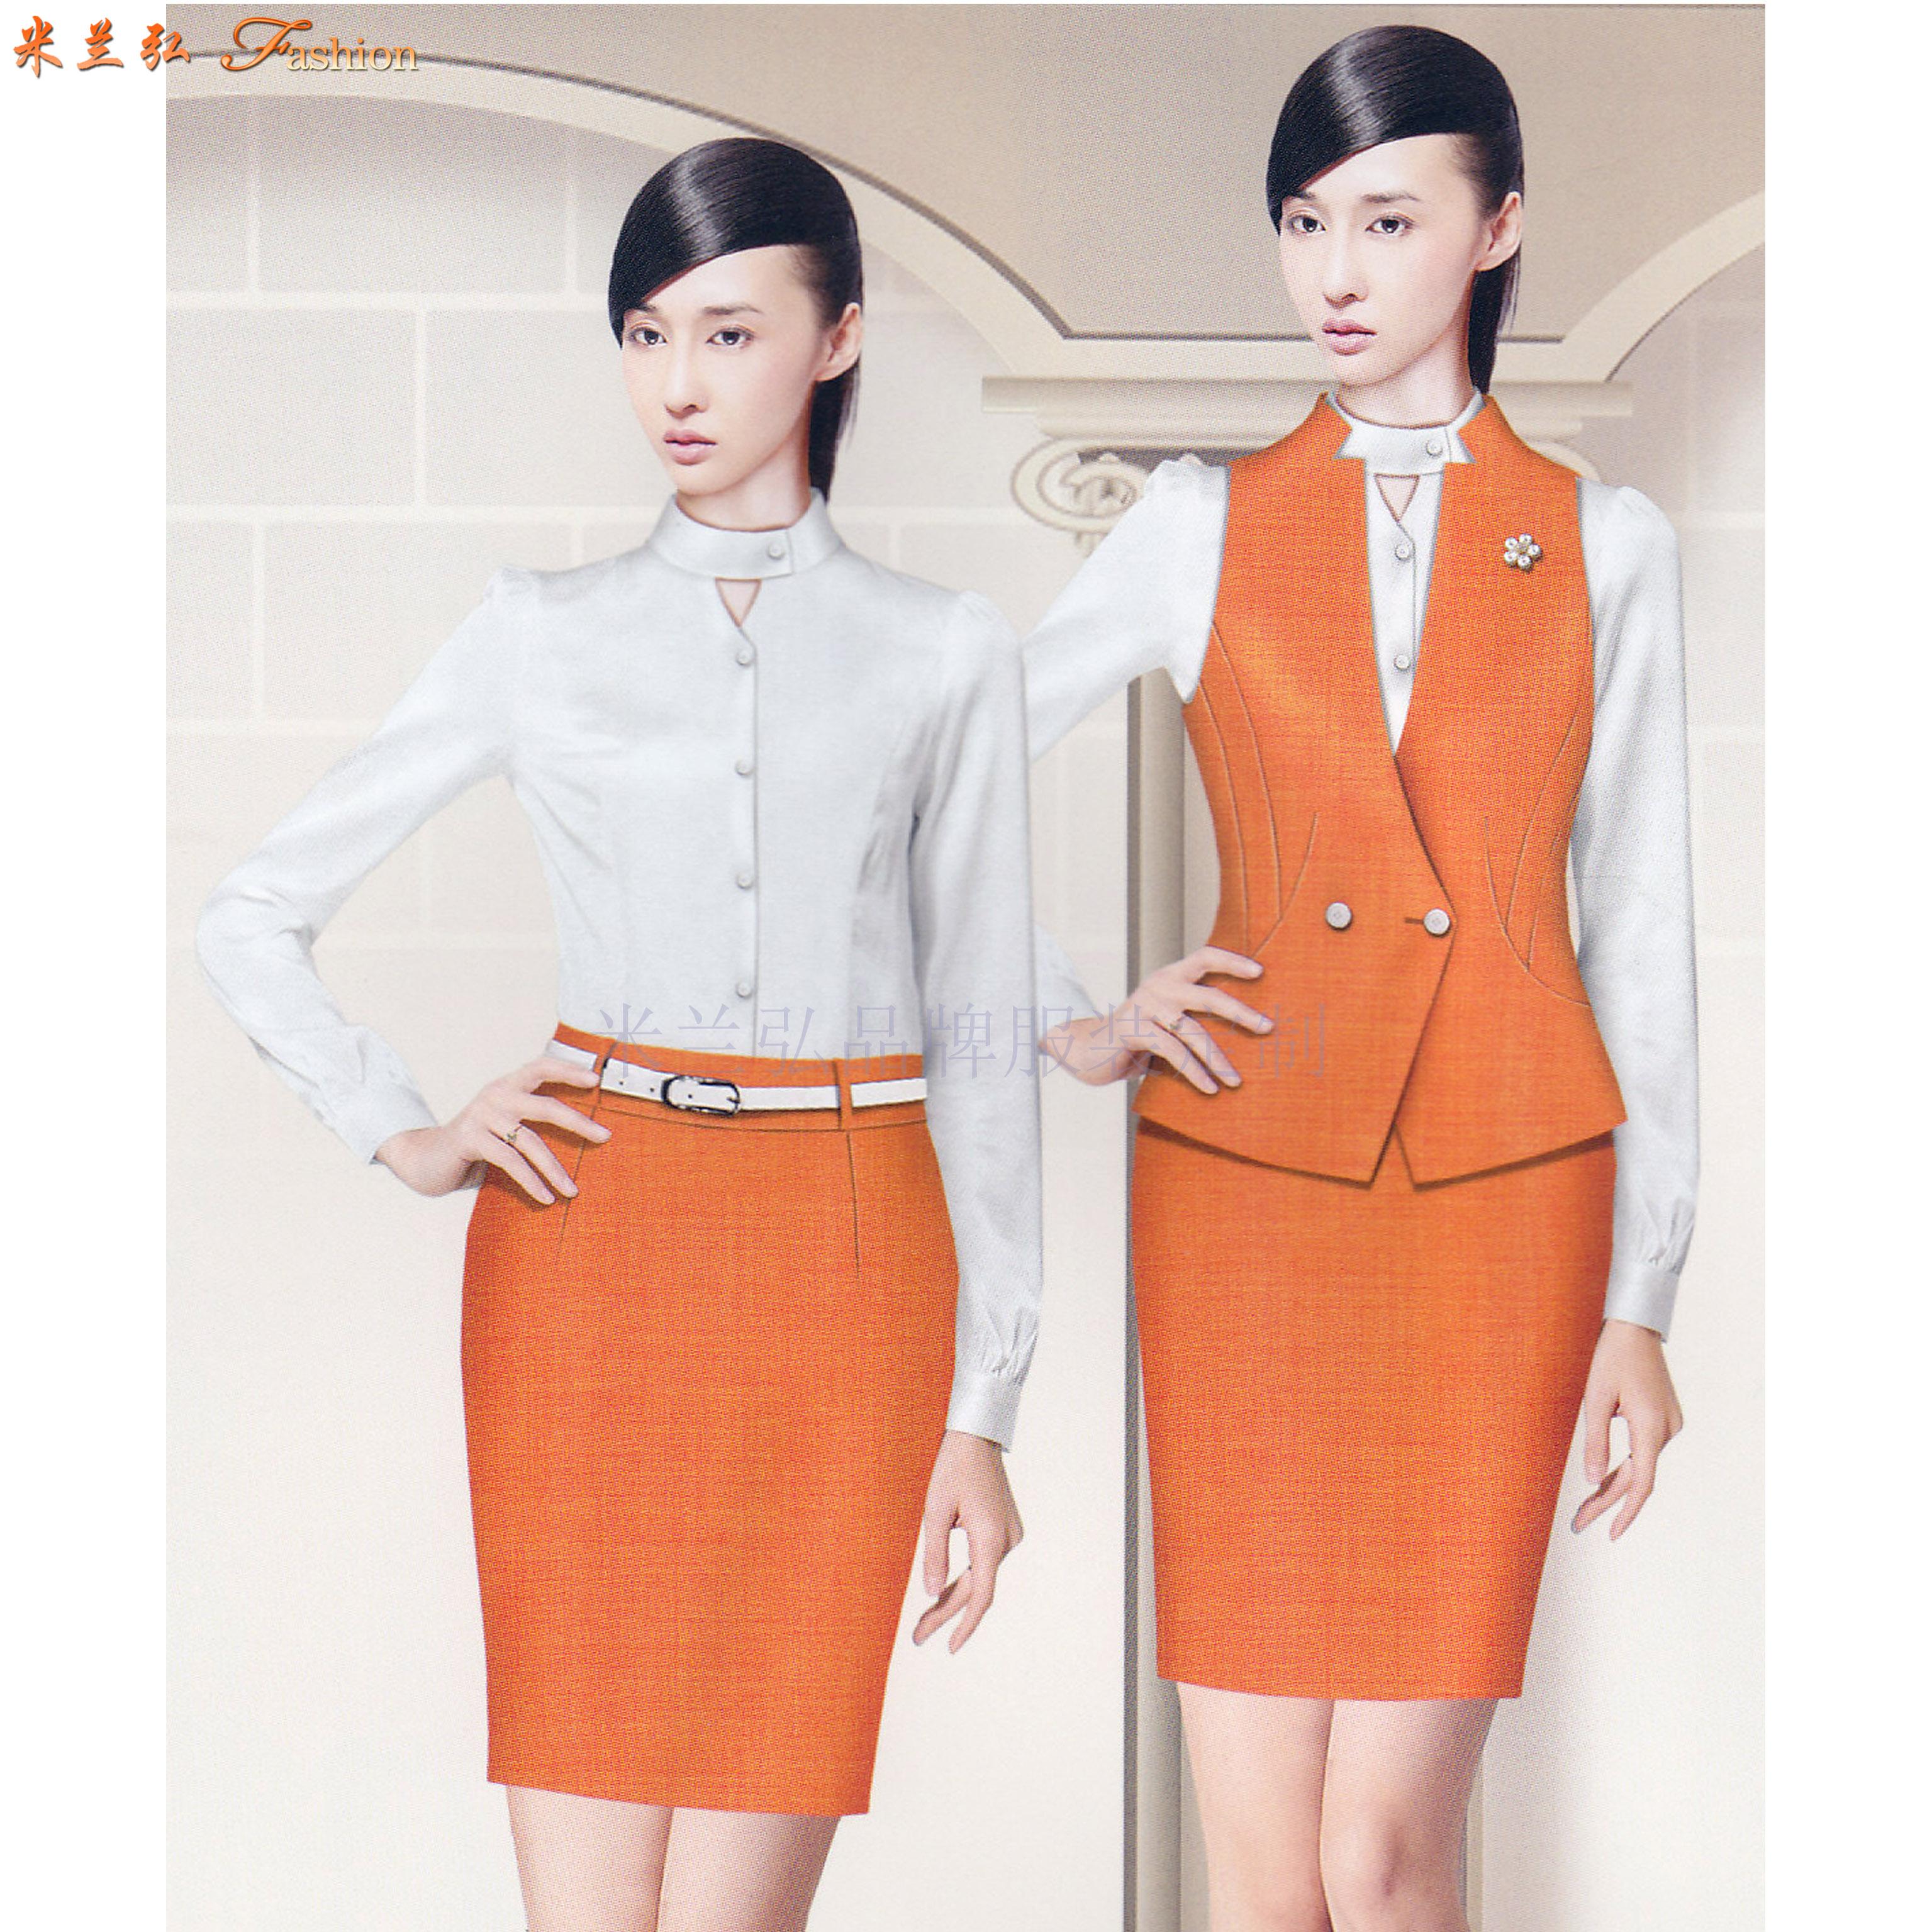 「地鐵制服」專業定做式樣時髦地鐵工作制服套裝-米蘭弘服裝-4